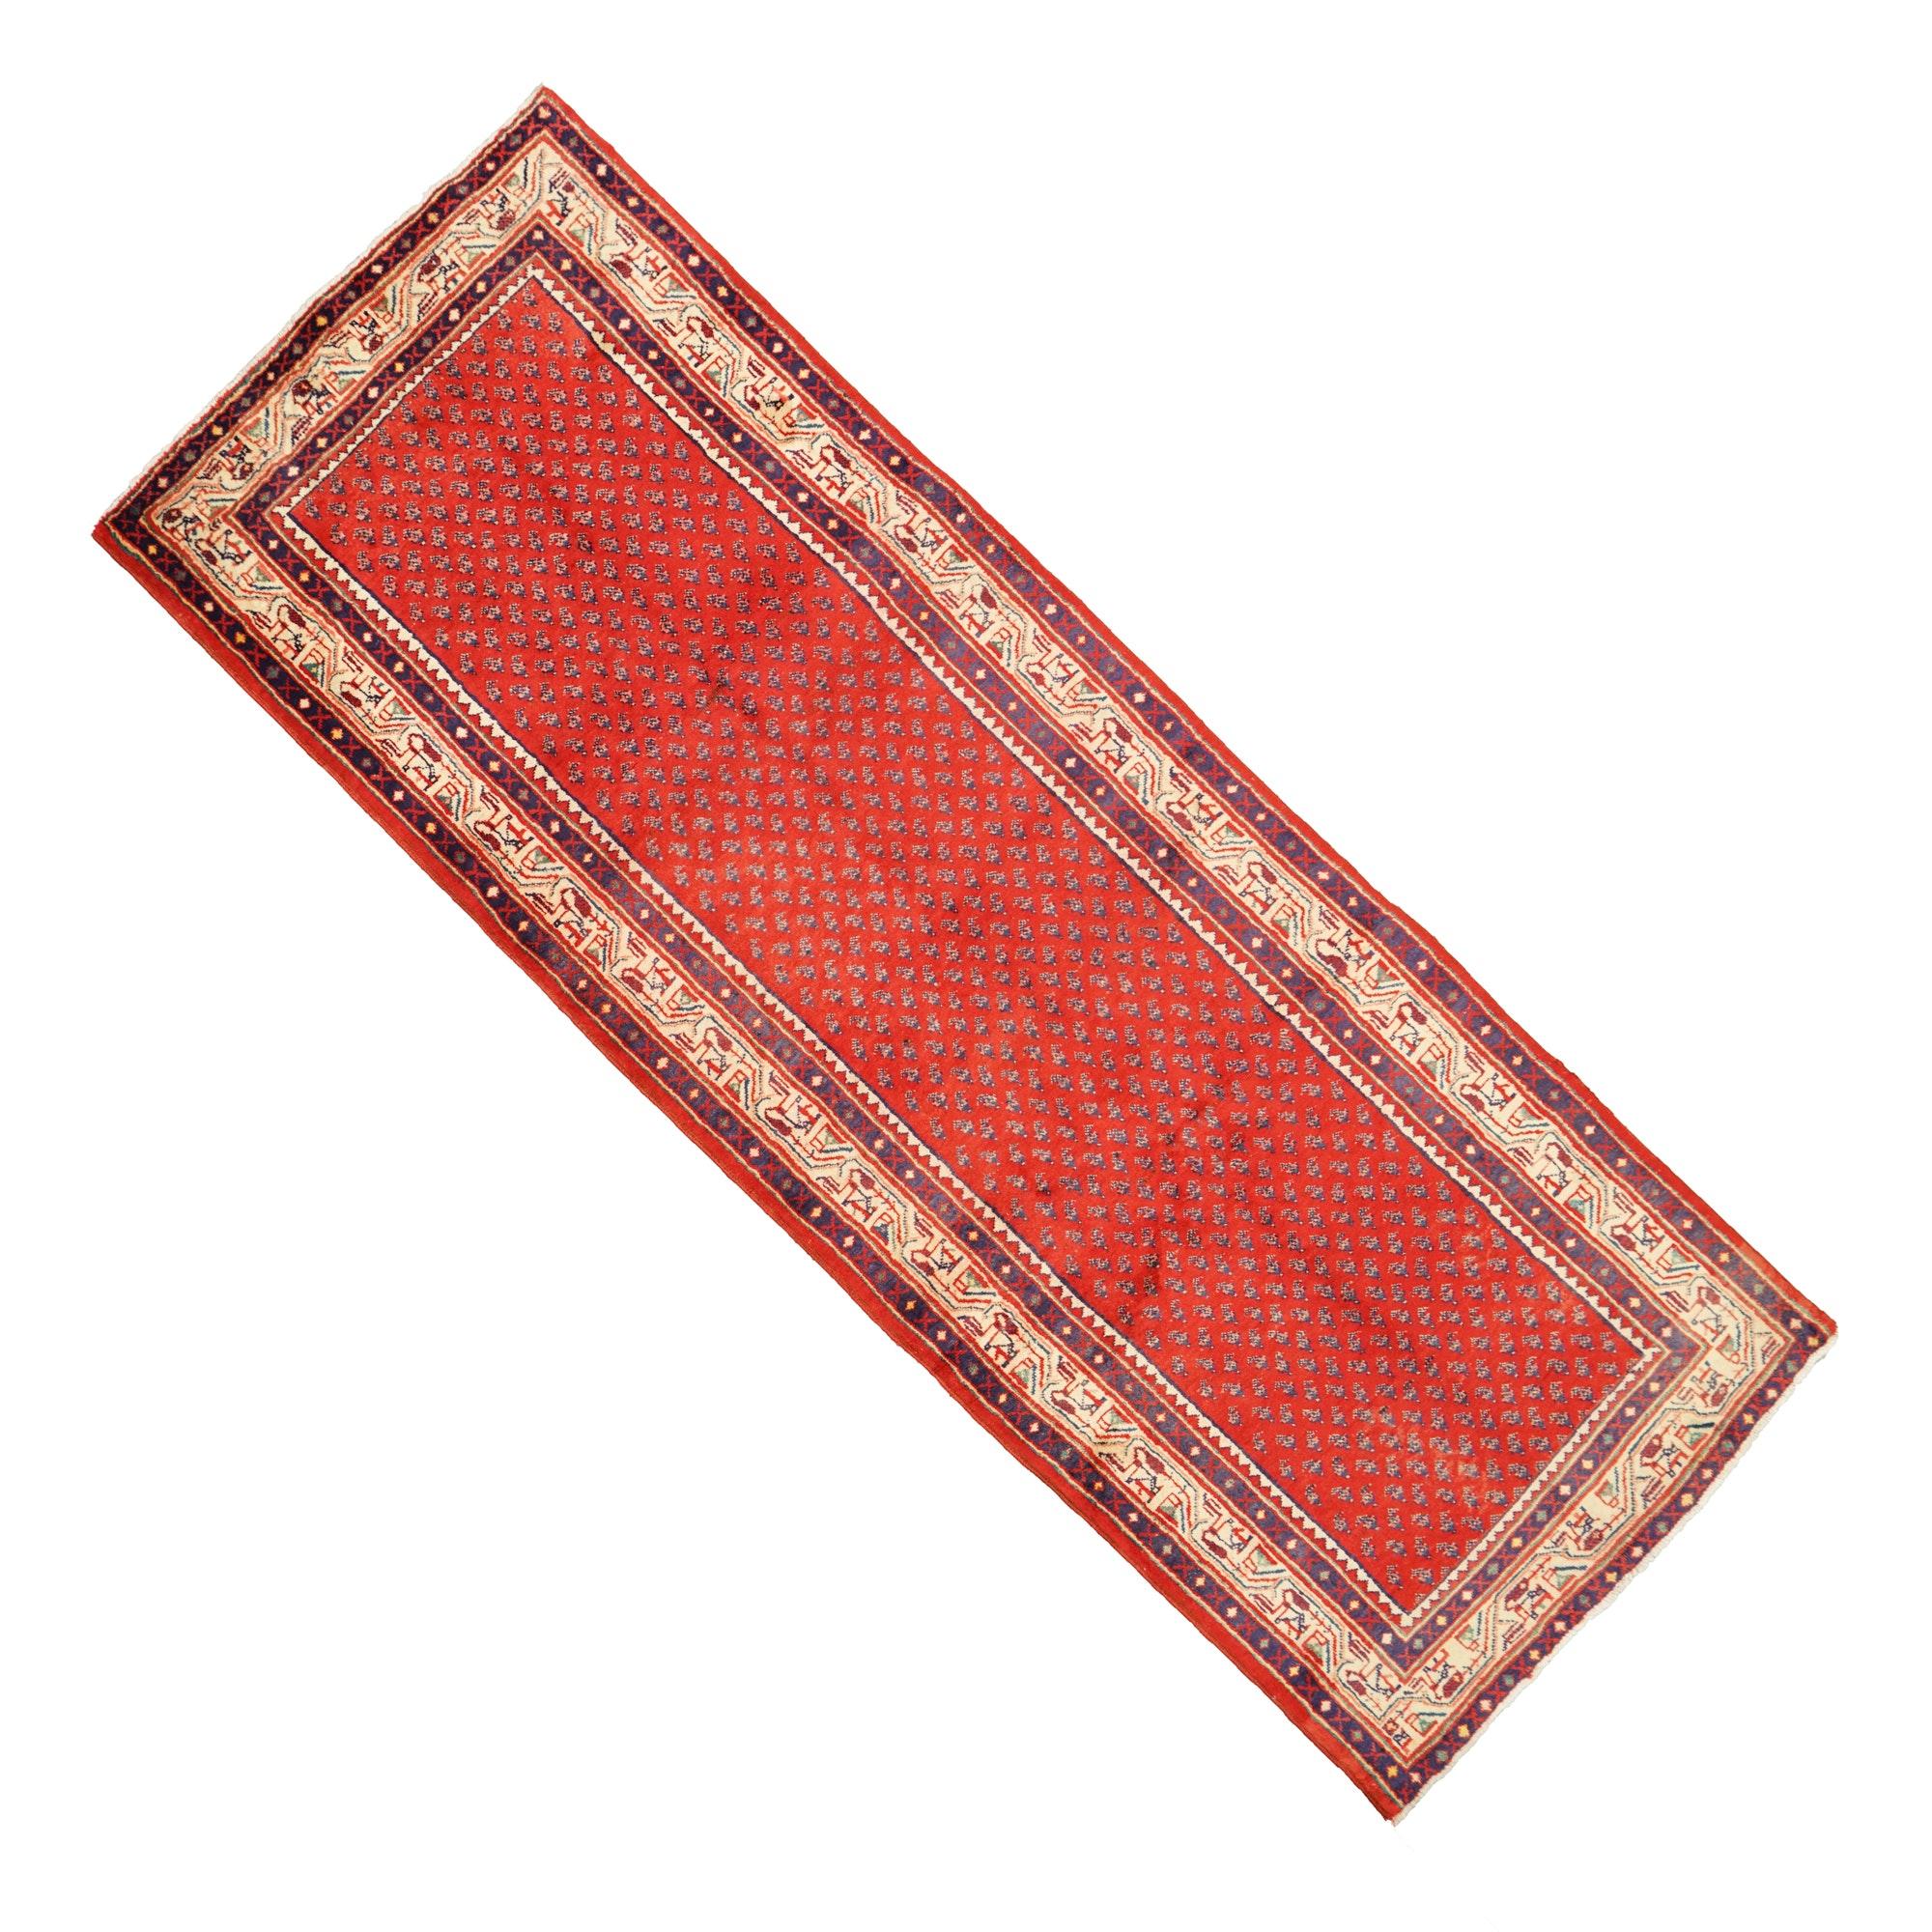 Hand-Knotted Mir Seraband Wool Carpet Runner